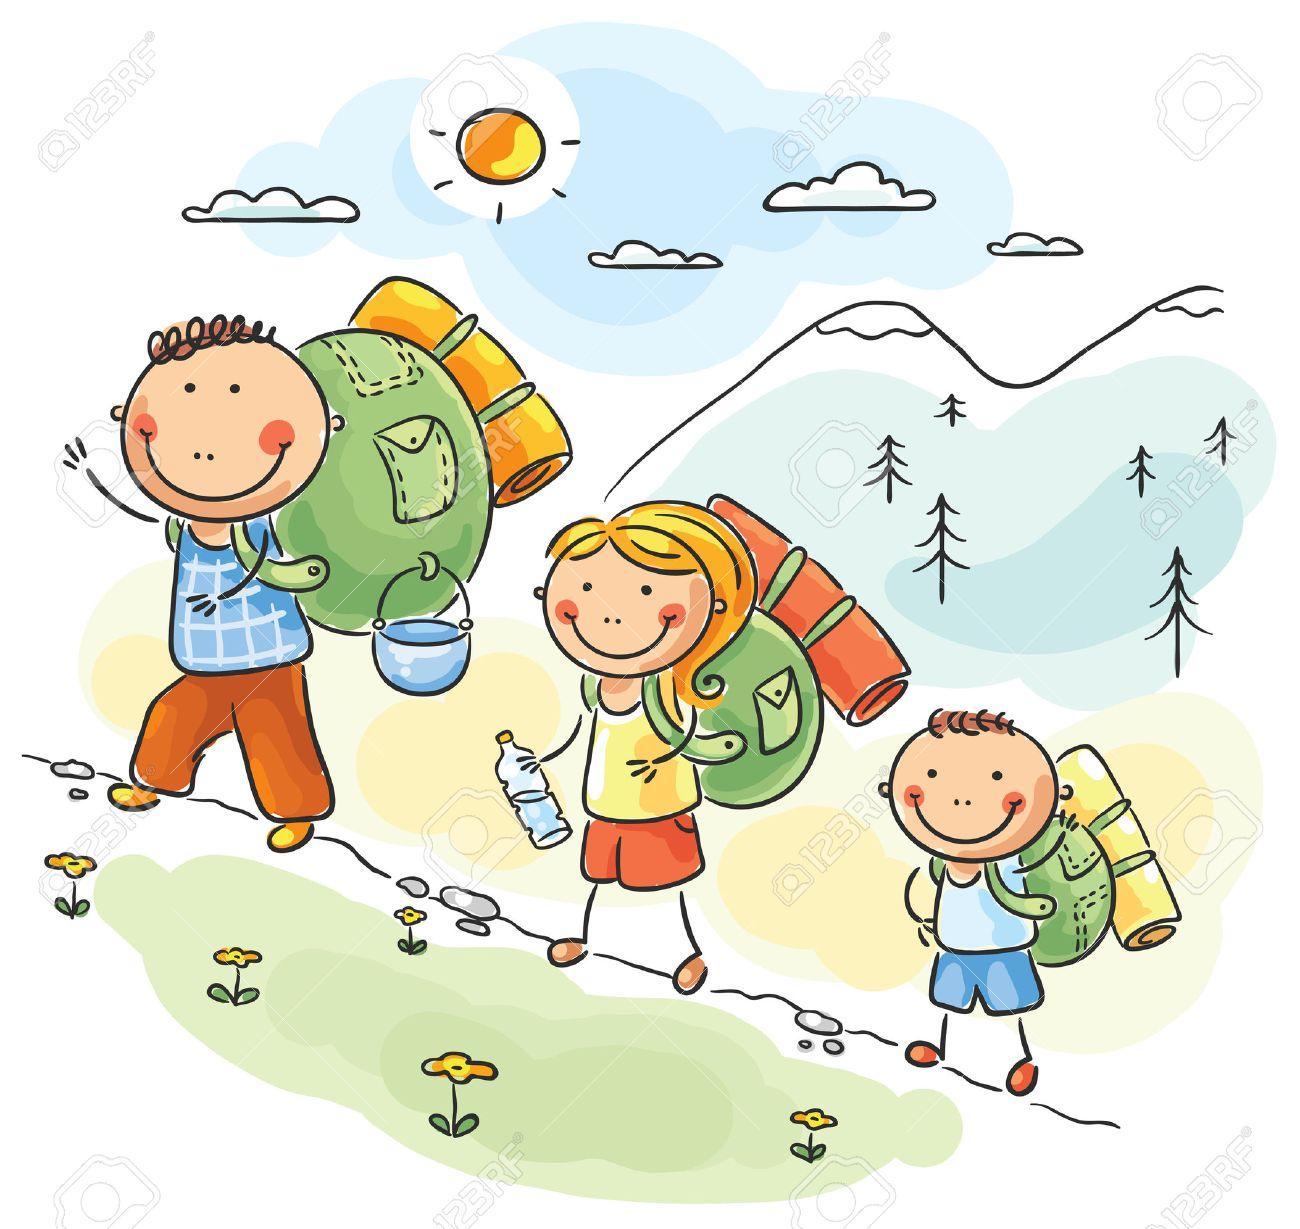 Cartoon Randonnee En Famille Dans Les Montagnes Clip Art Libres De Droits Vecteurs Et Illustration Image 31729496